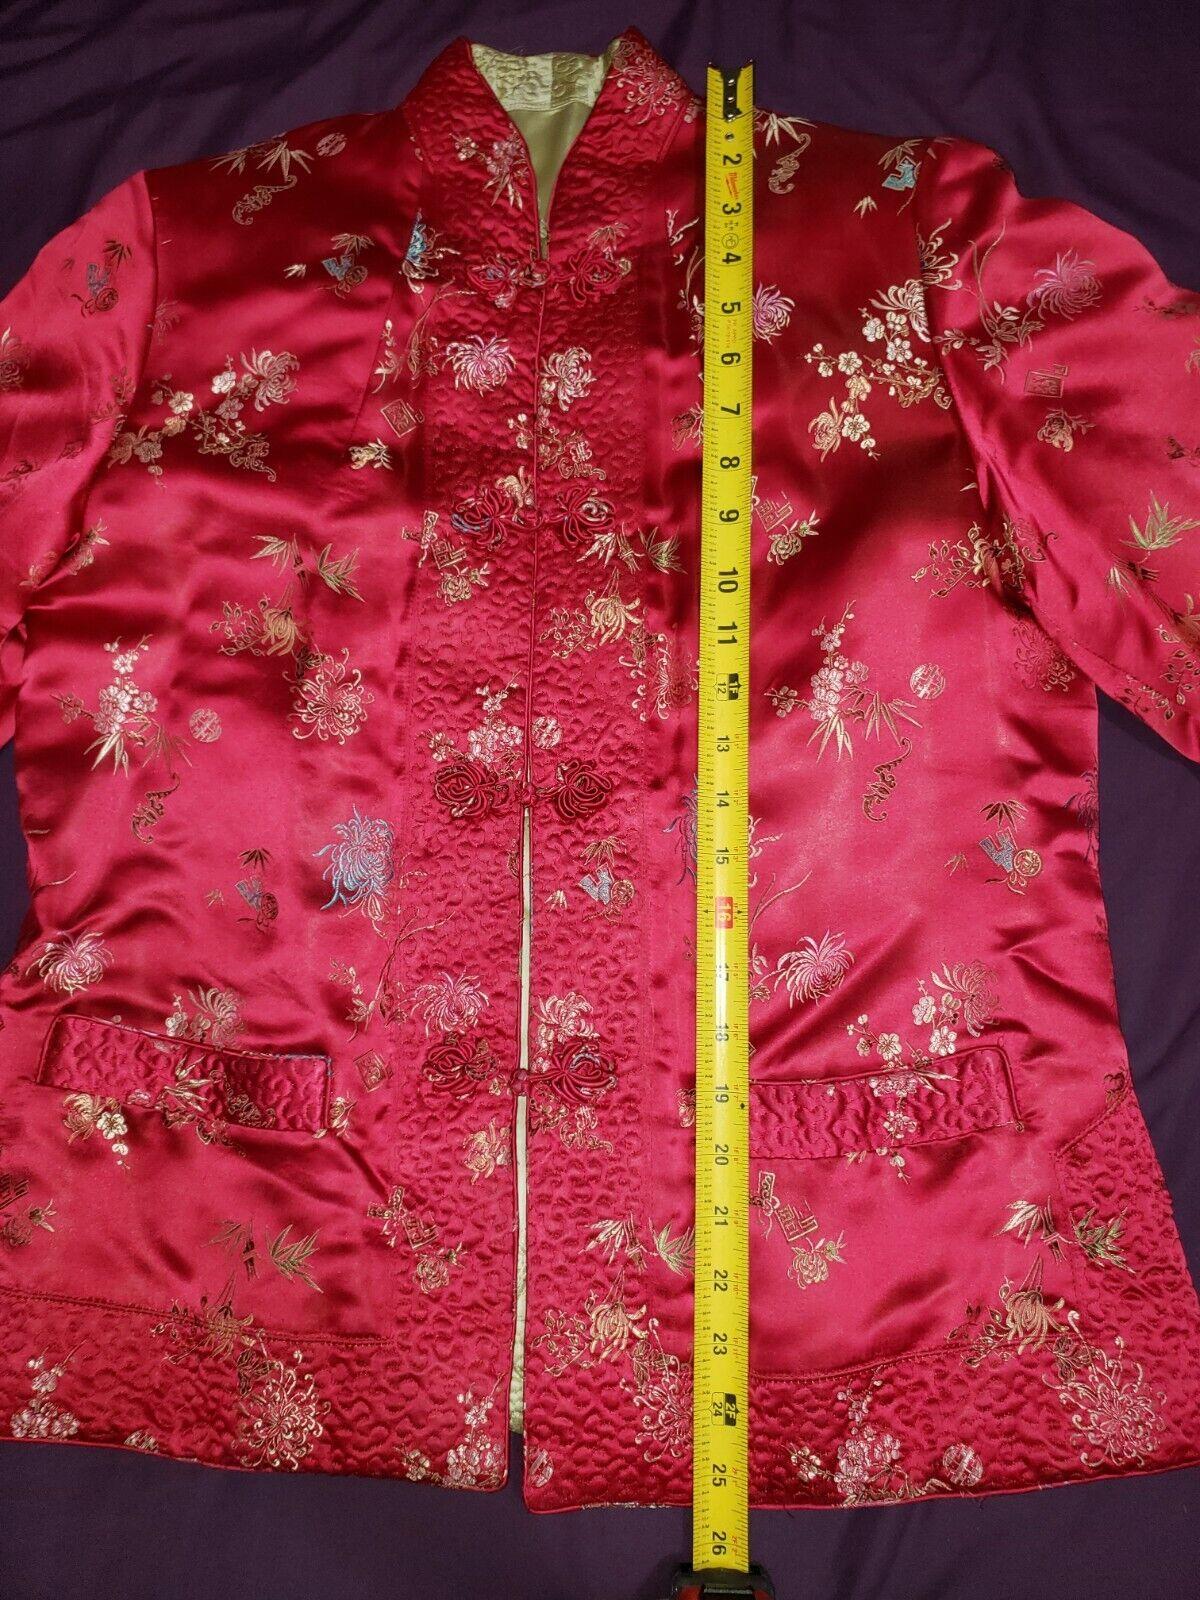 Qipao Long Sleeve Top Brocade - image 5